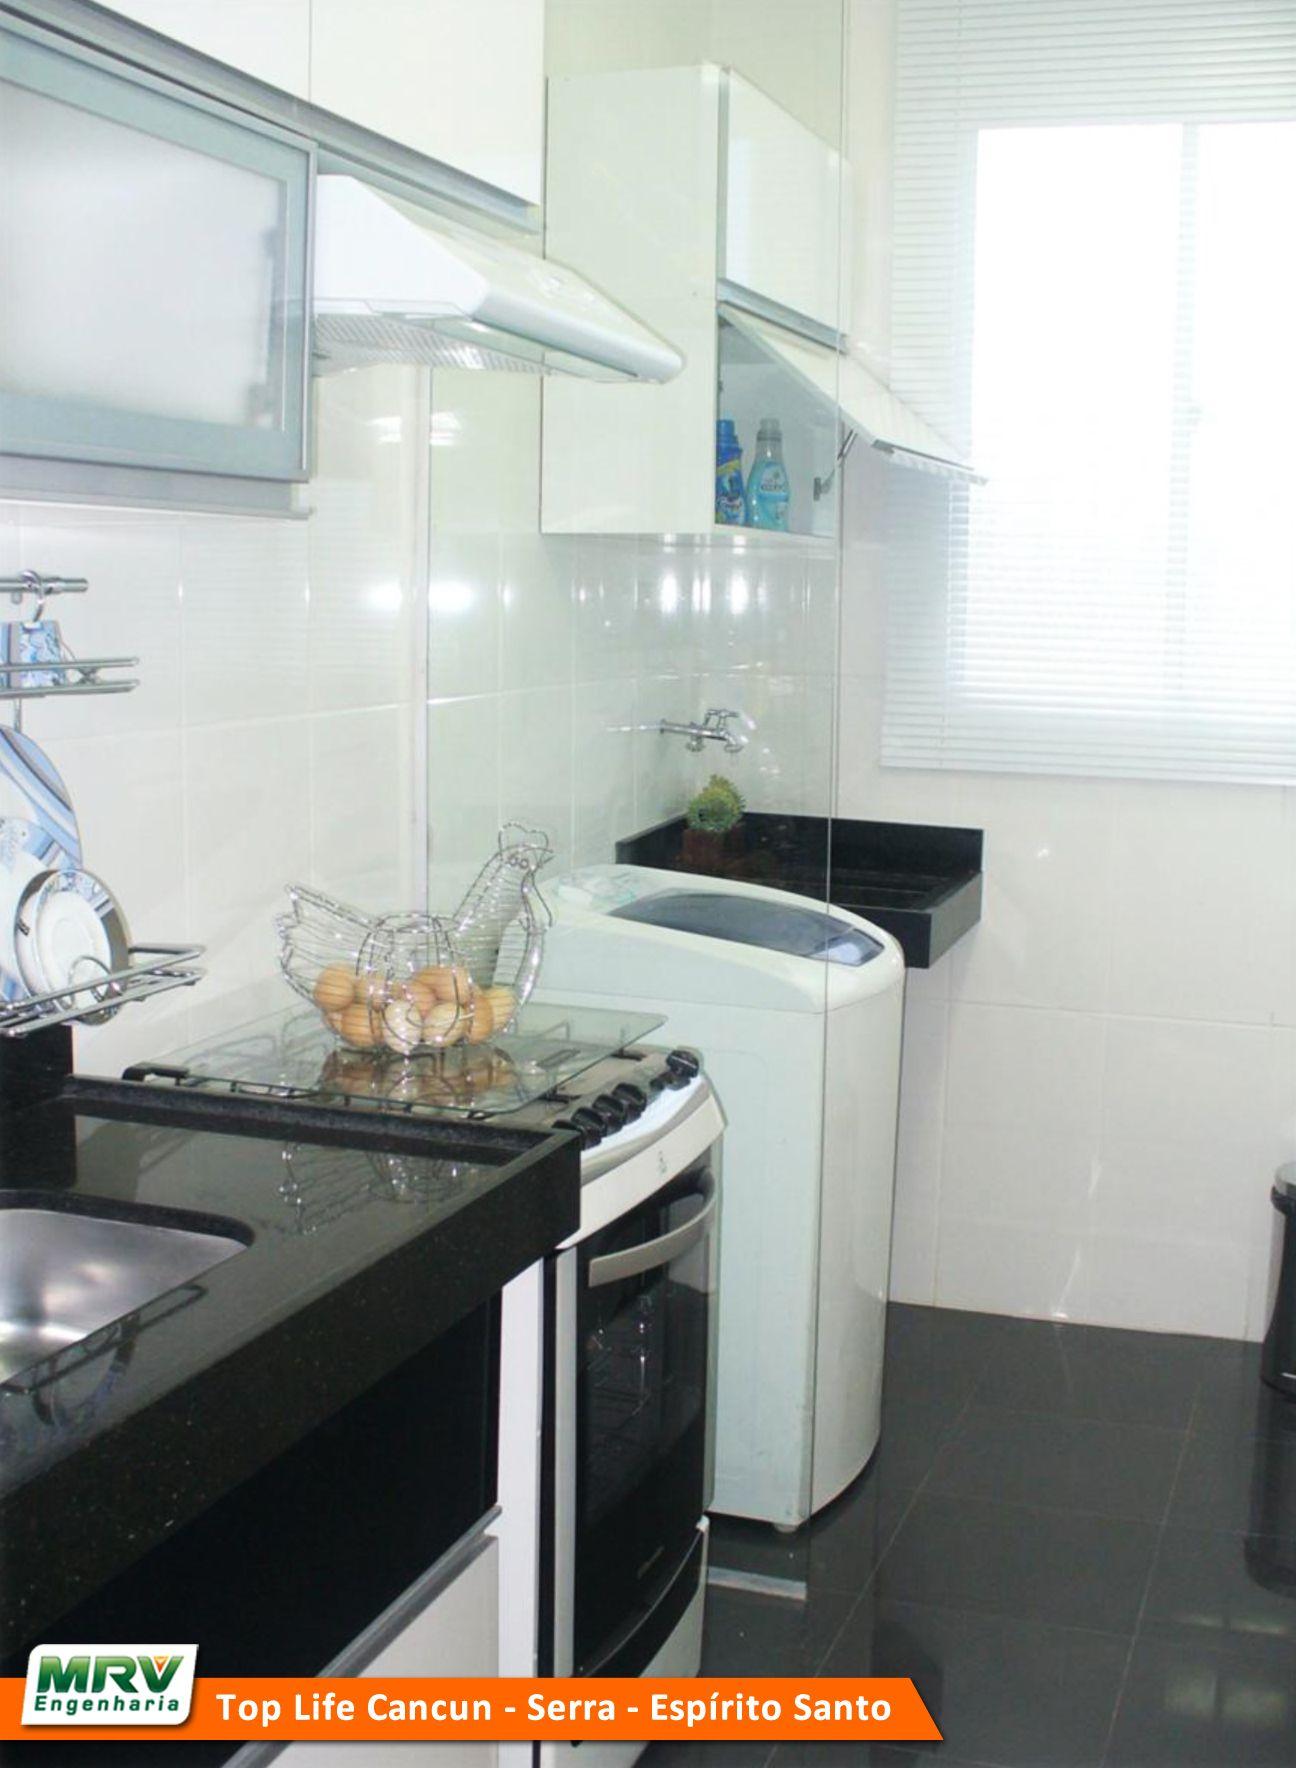 Apartamento Decorado 2 Quartos Do Top Life Cancun No Bairro Novo